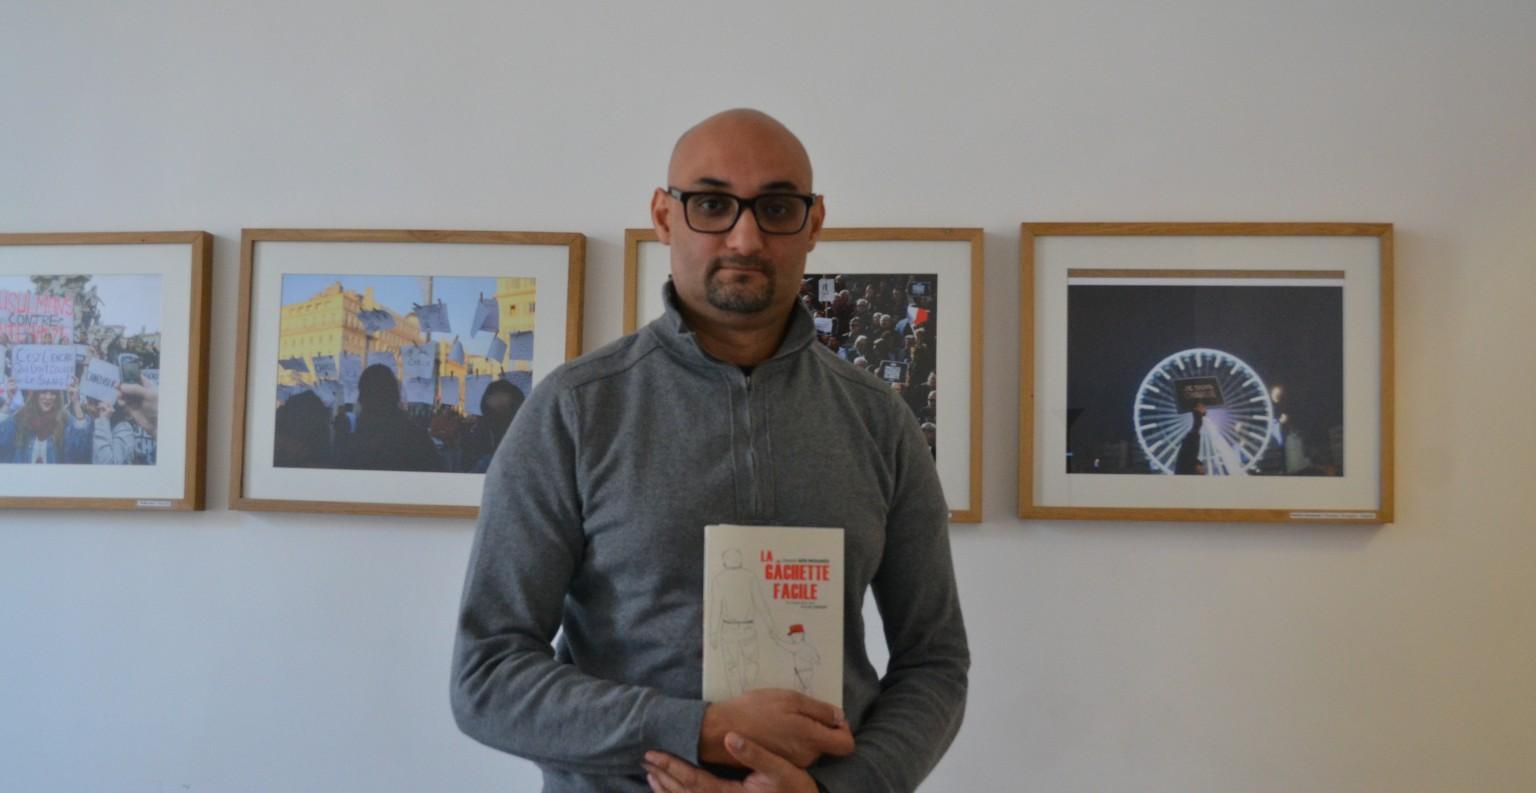 La Gâchette facile de Hassan Ben Mohamed  publié en octobre 2015. ©MD